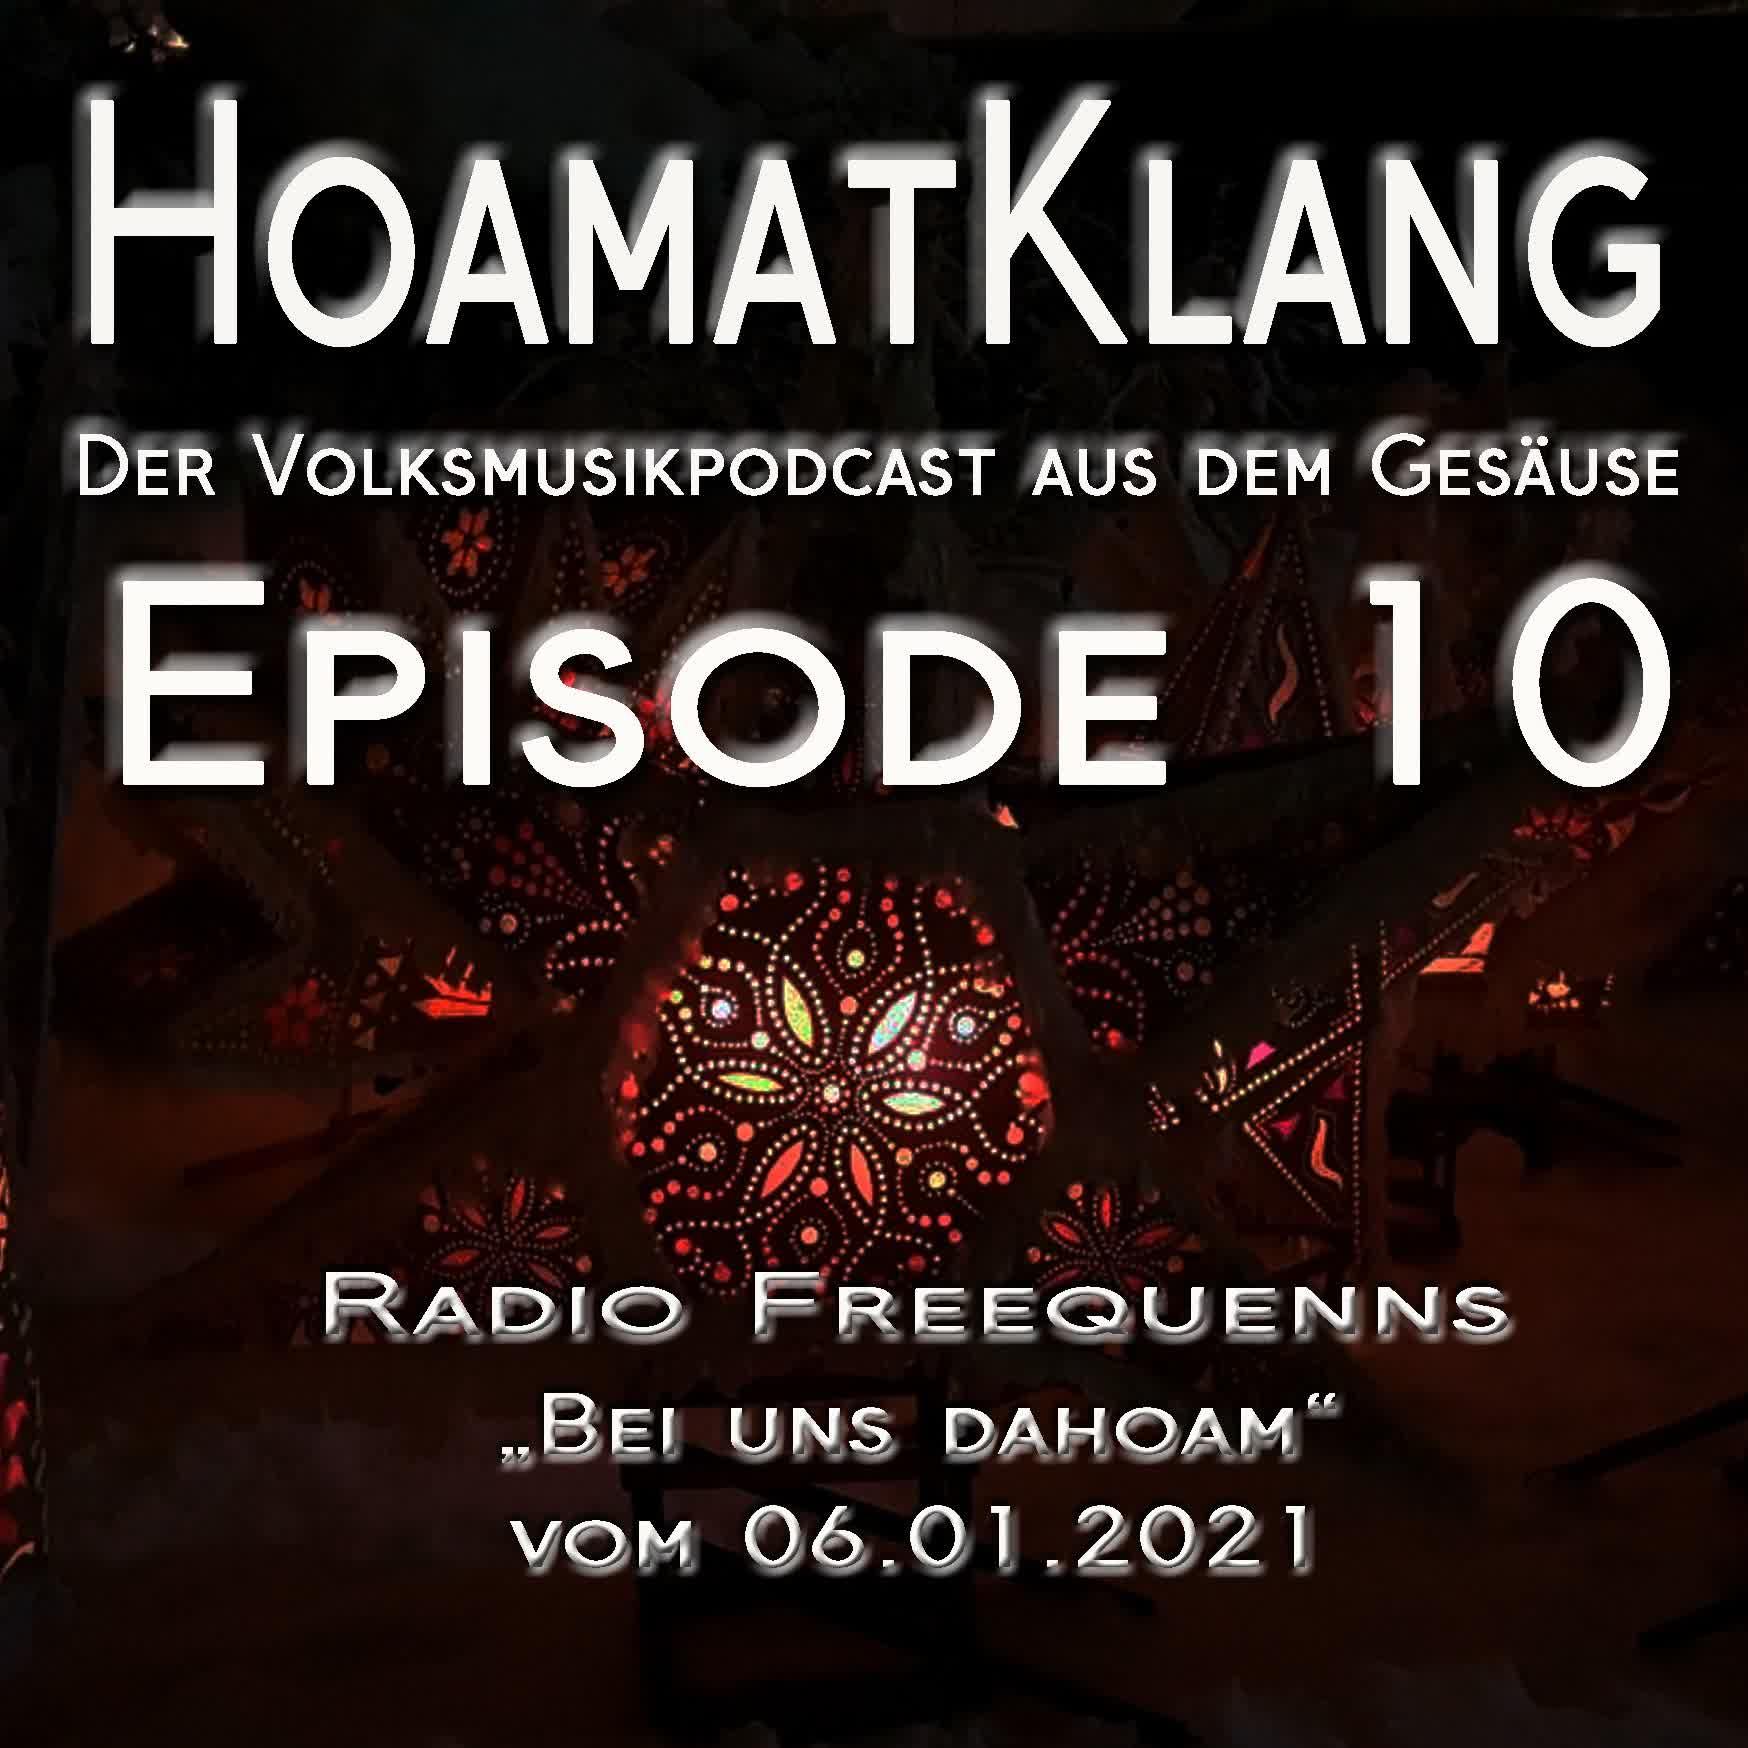 10 Hoamatklang_Episode_10_Bei uns dahoam 06.01.2021